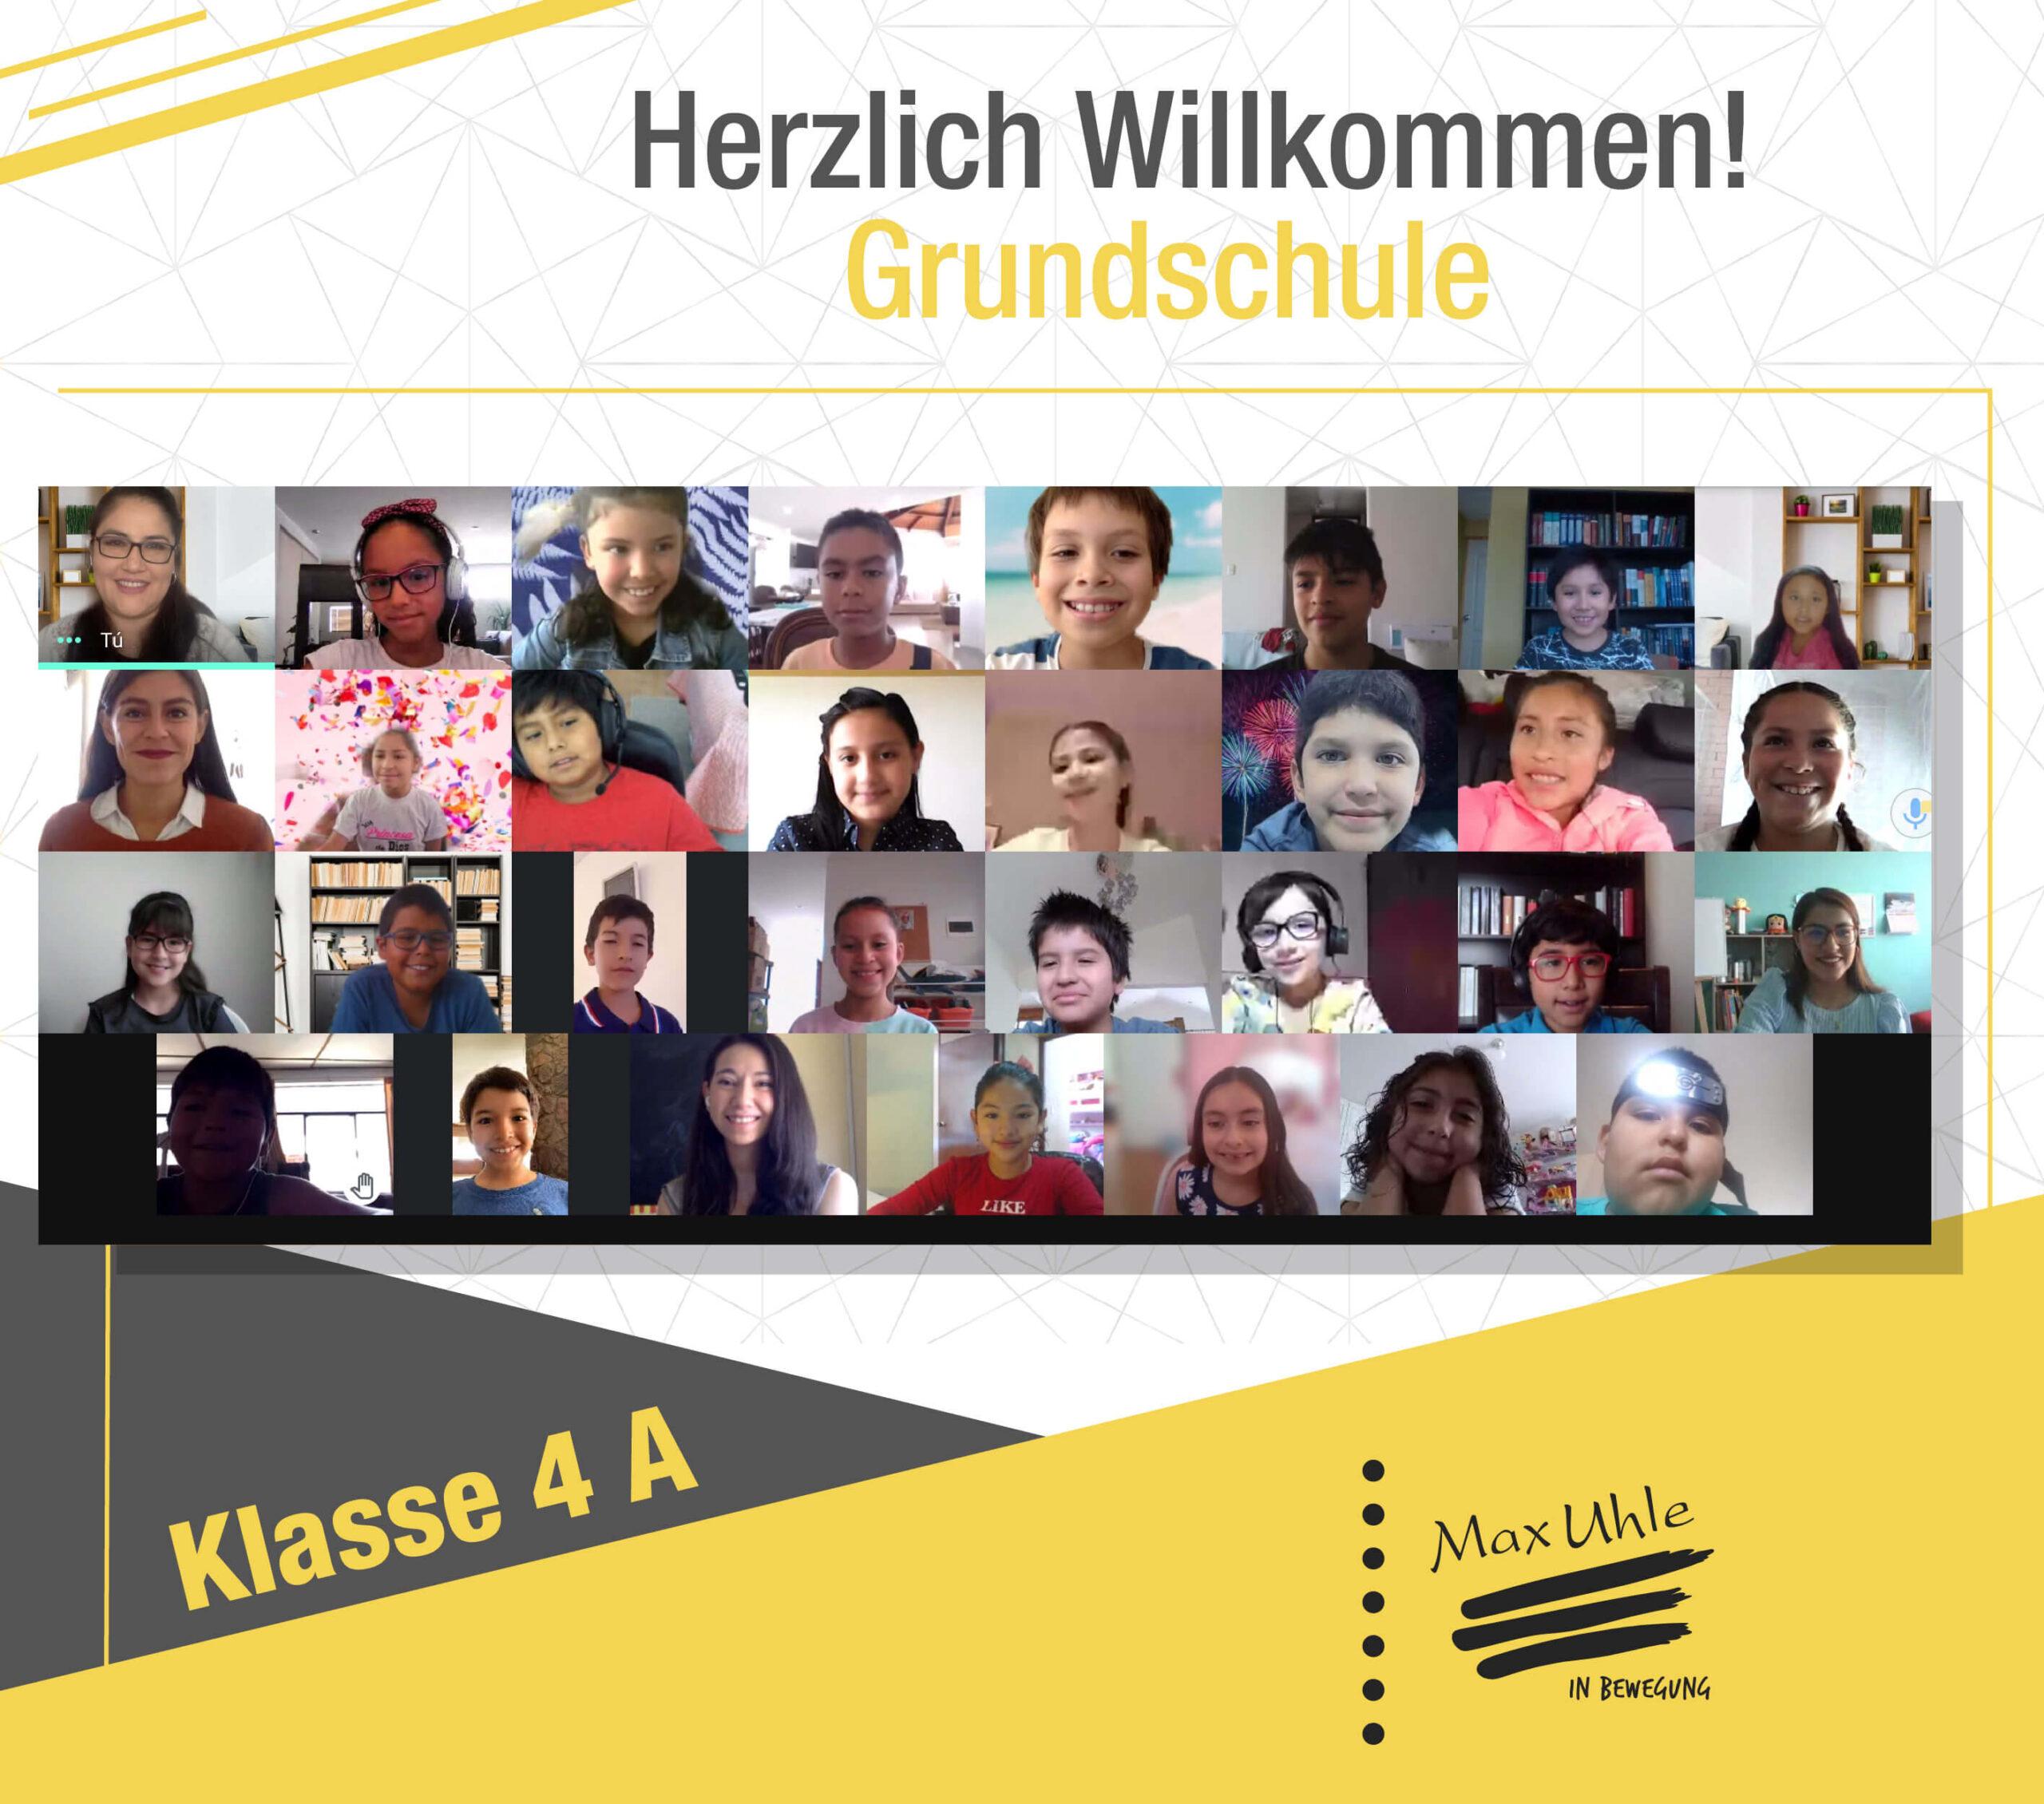 regreso a clases 2021 Grundschule 4A